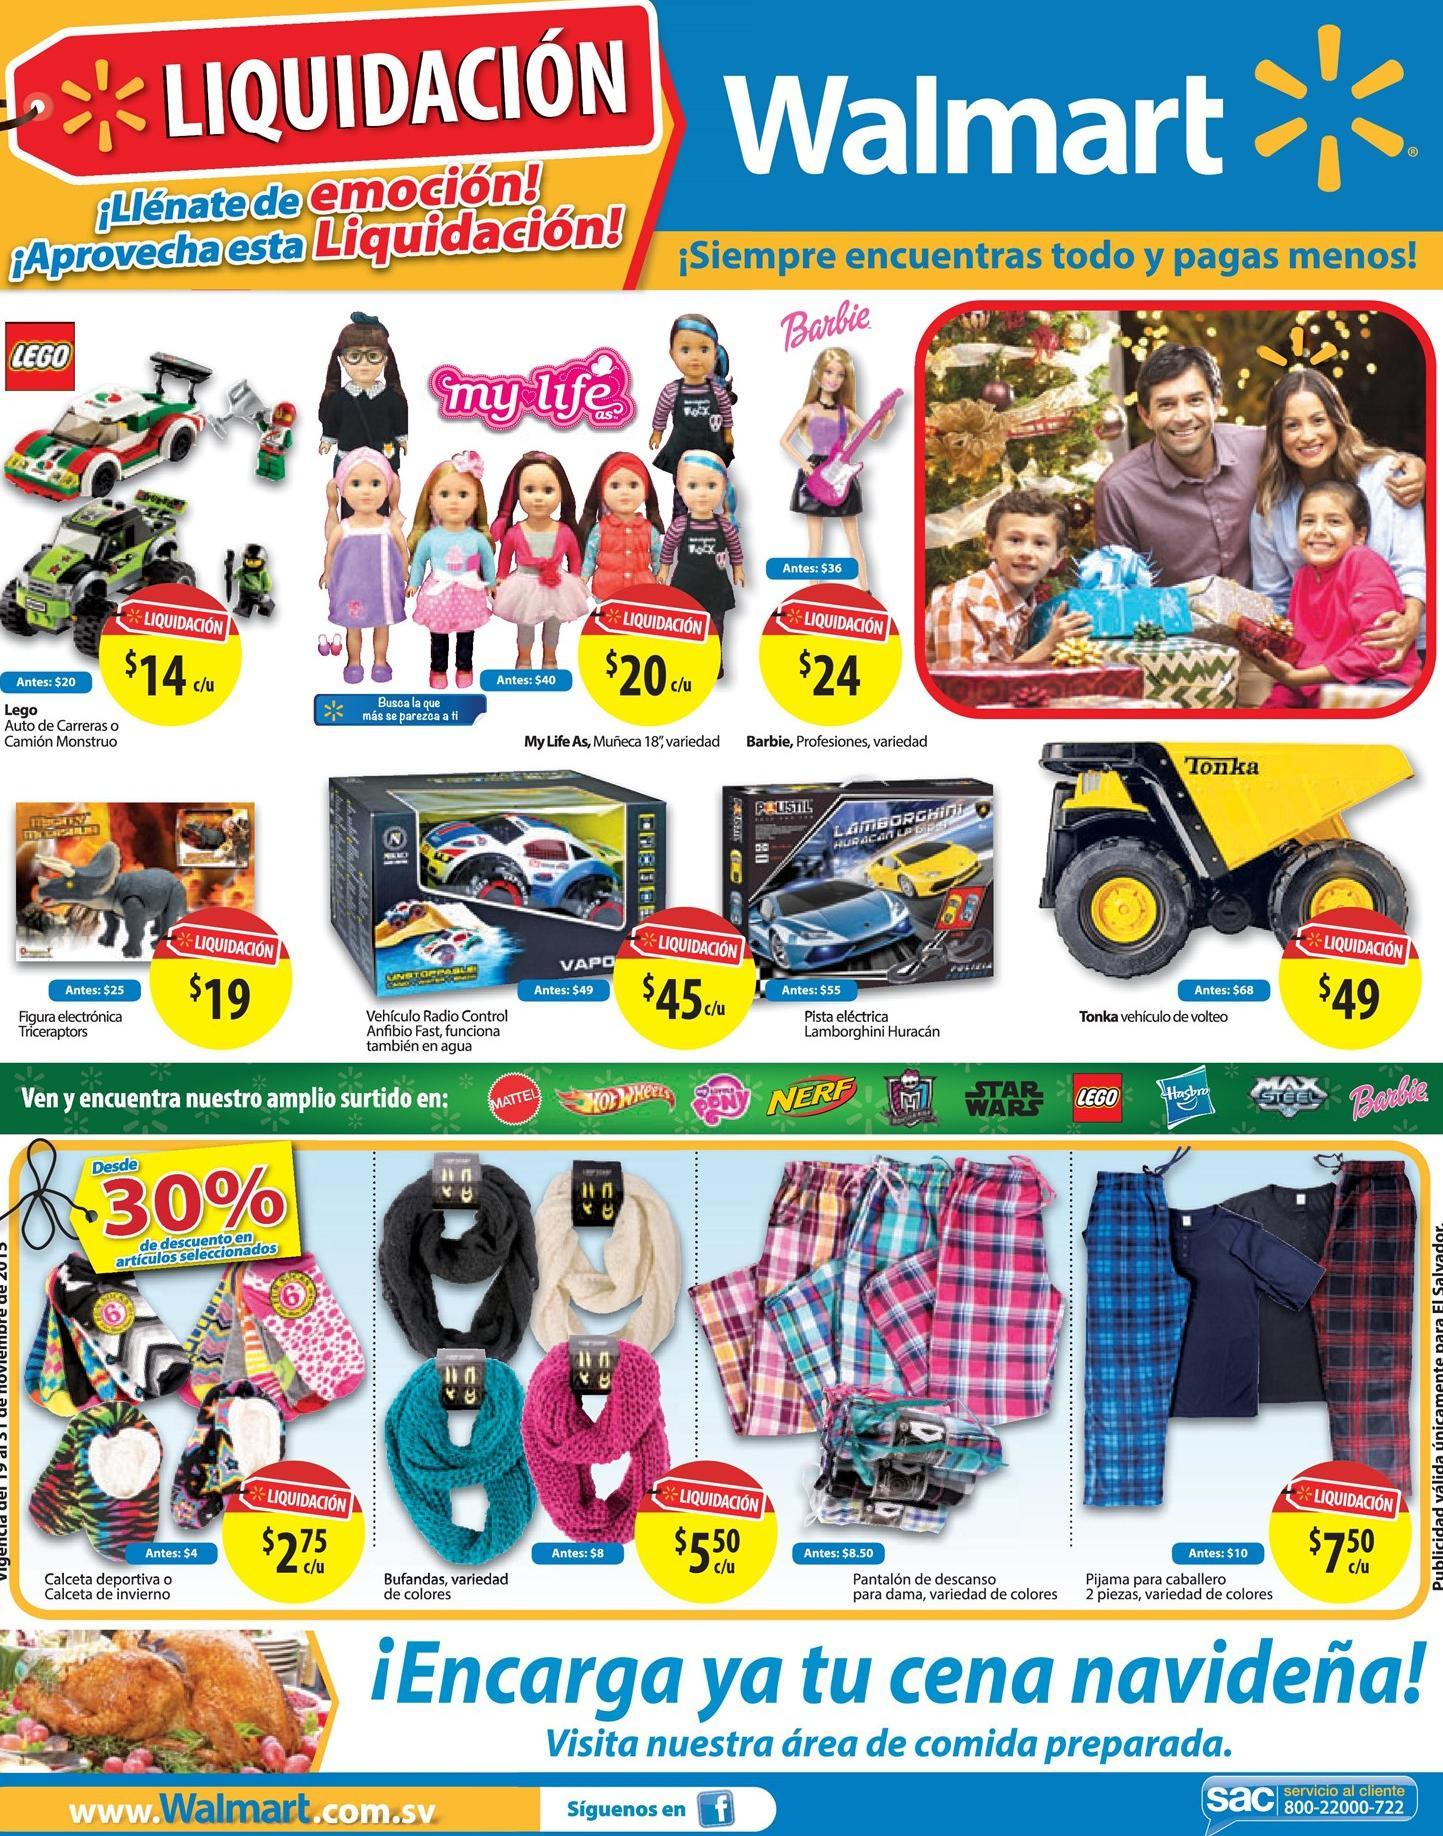 WALMART Fin de semana LIQUIDACIONEs en ropa y juguetes - 19dic15